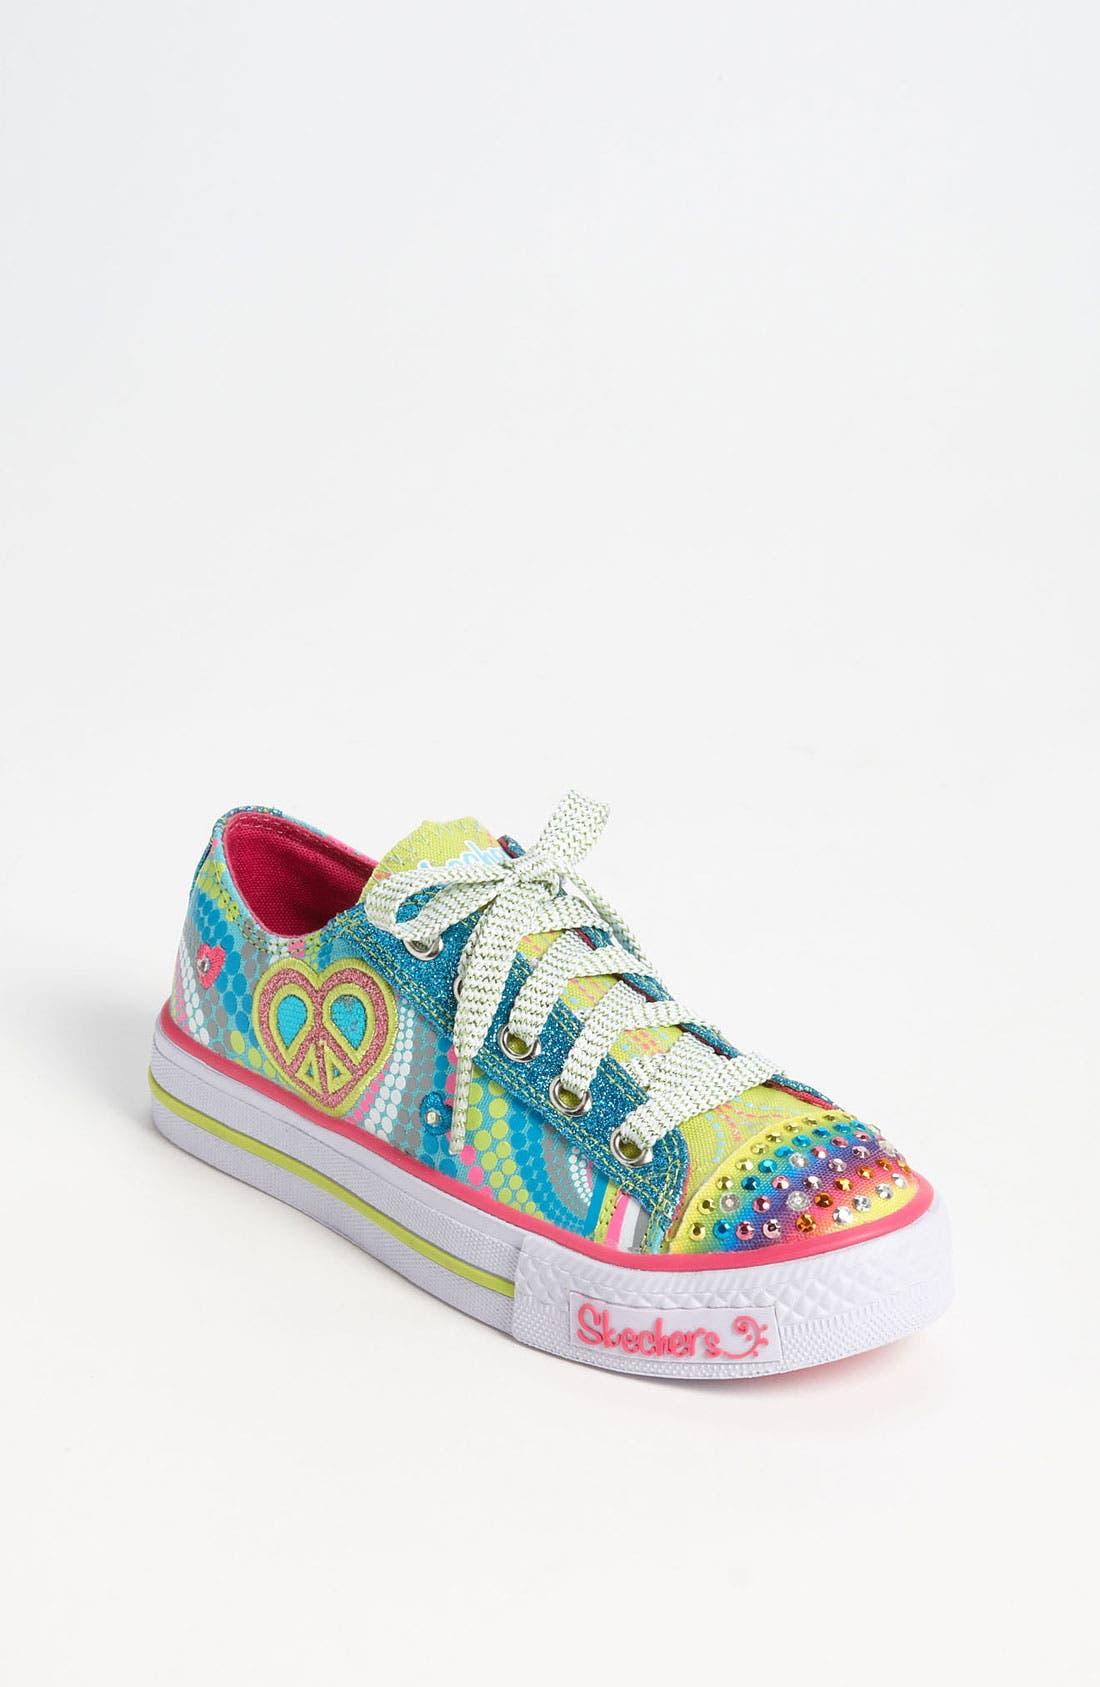 Main Image - SKECHERS 'Shuffles - Lights Heart Sparks' Sneaker (Toddler & Little Kid)